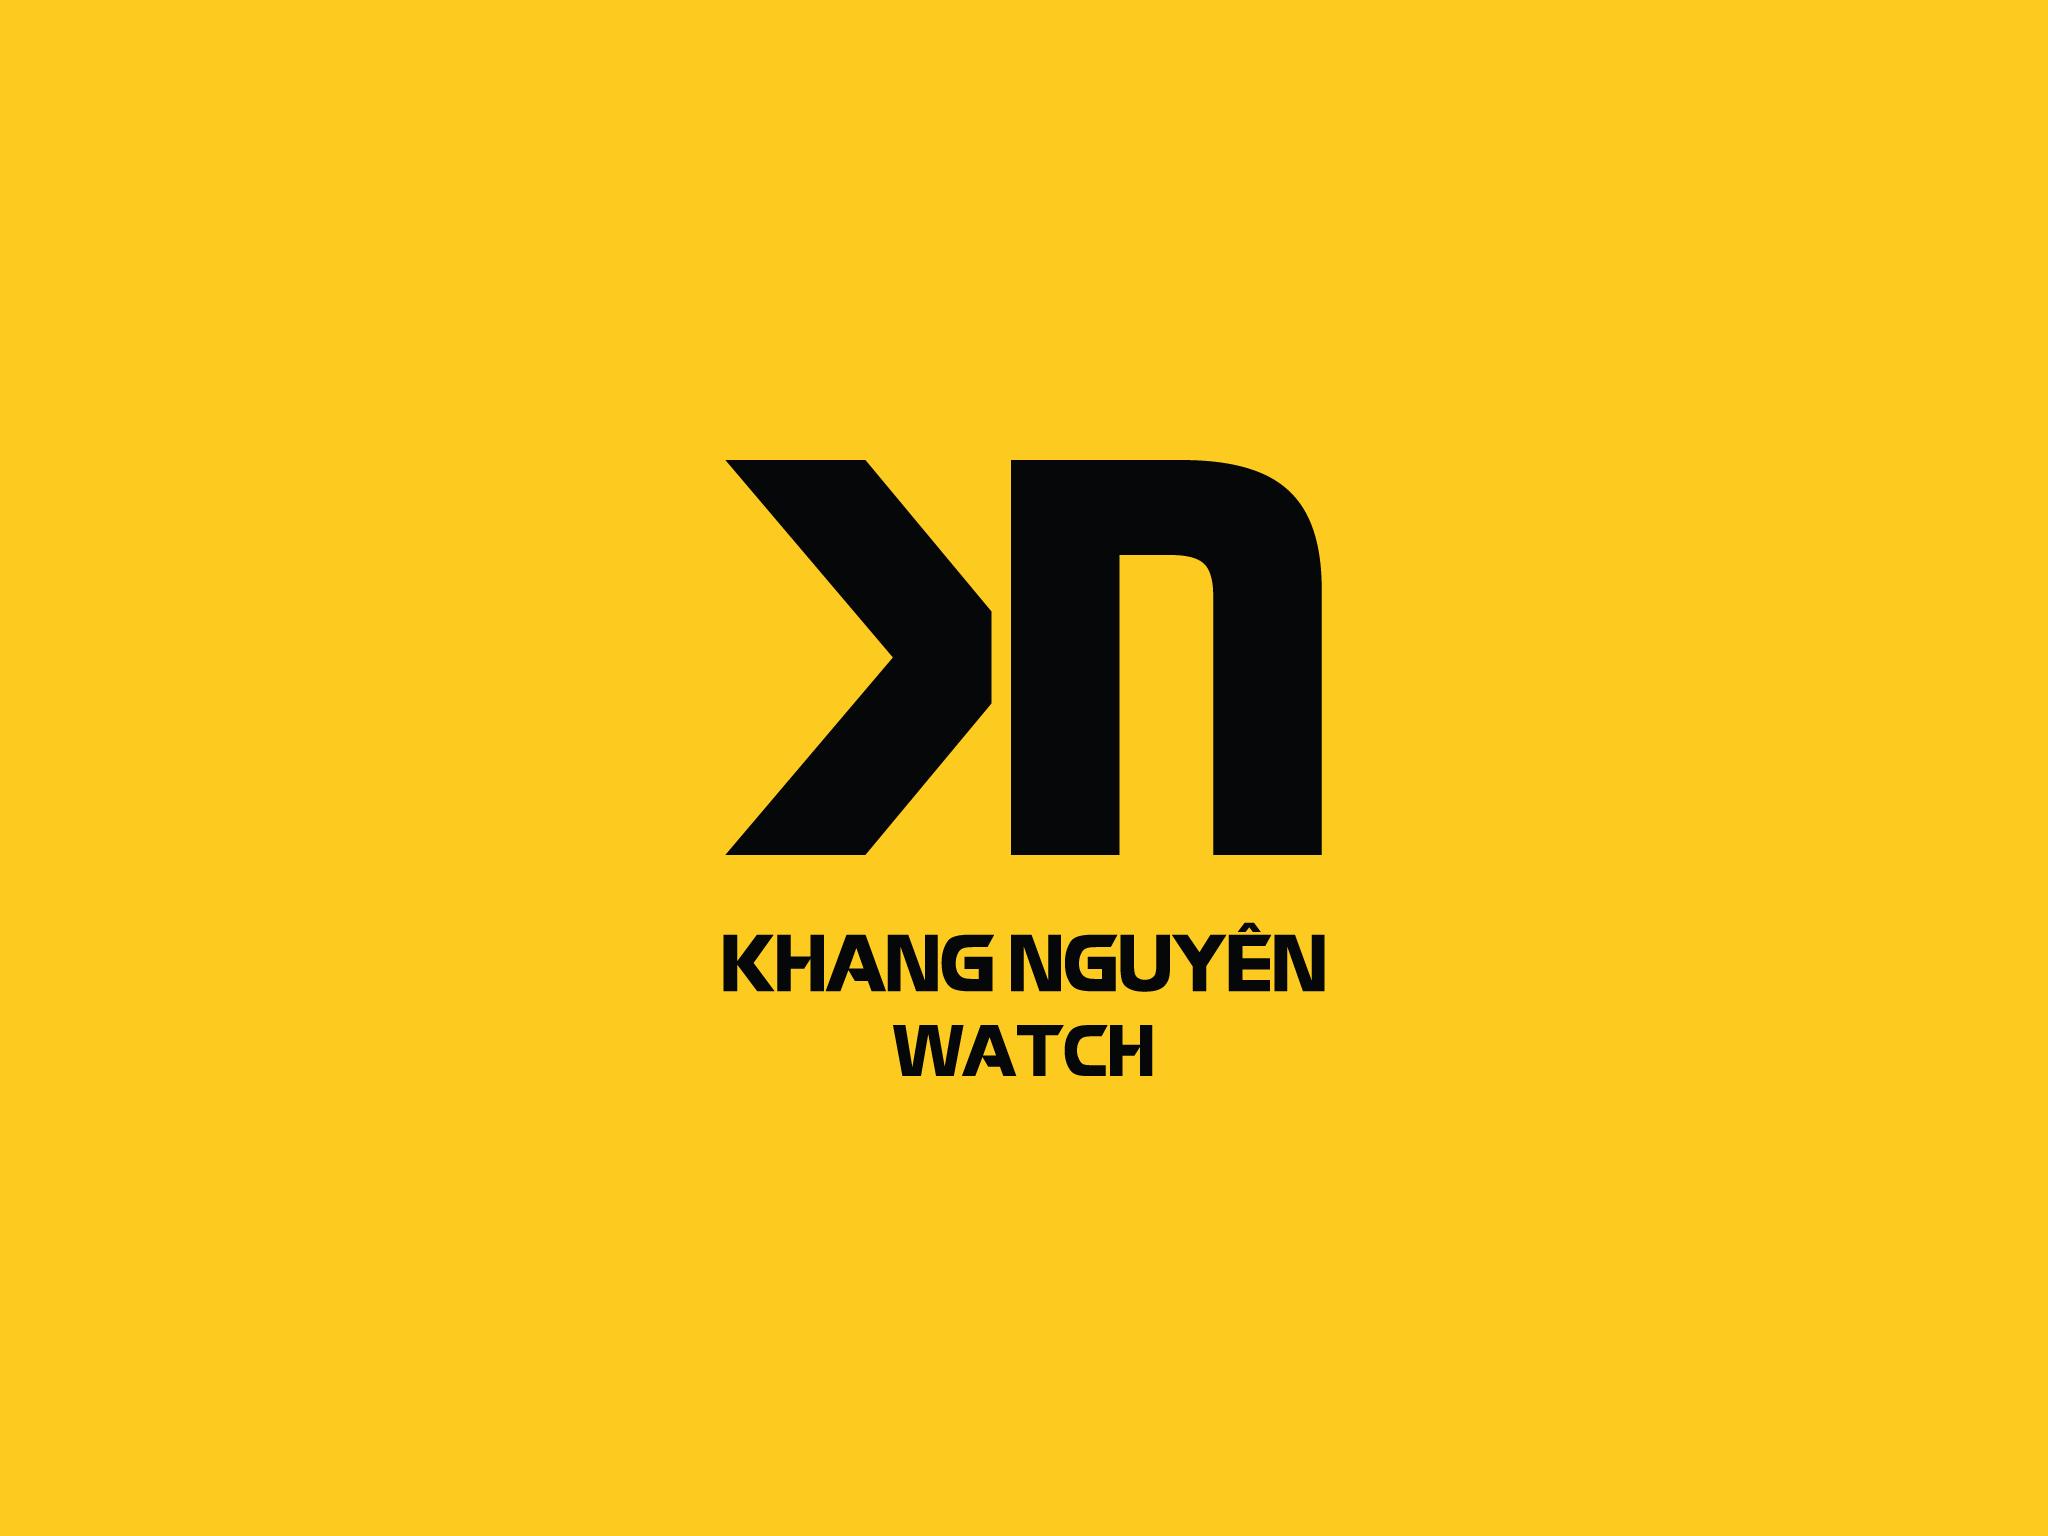 Logo Khang Nguyên Watch